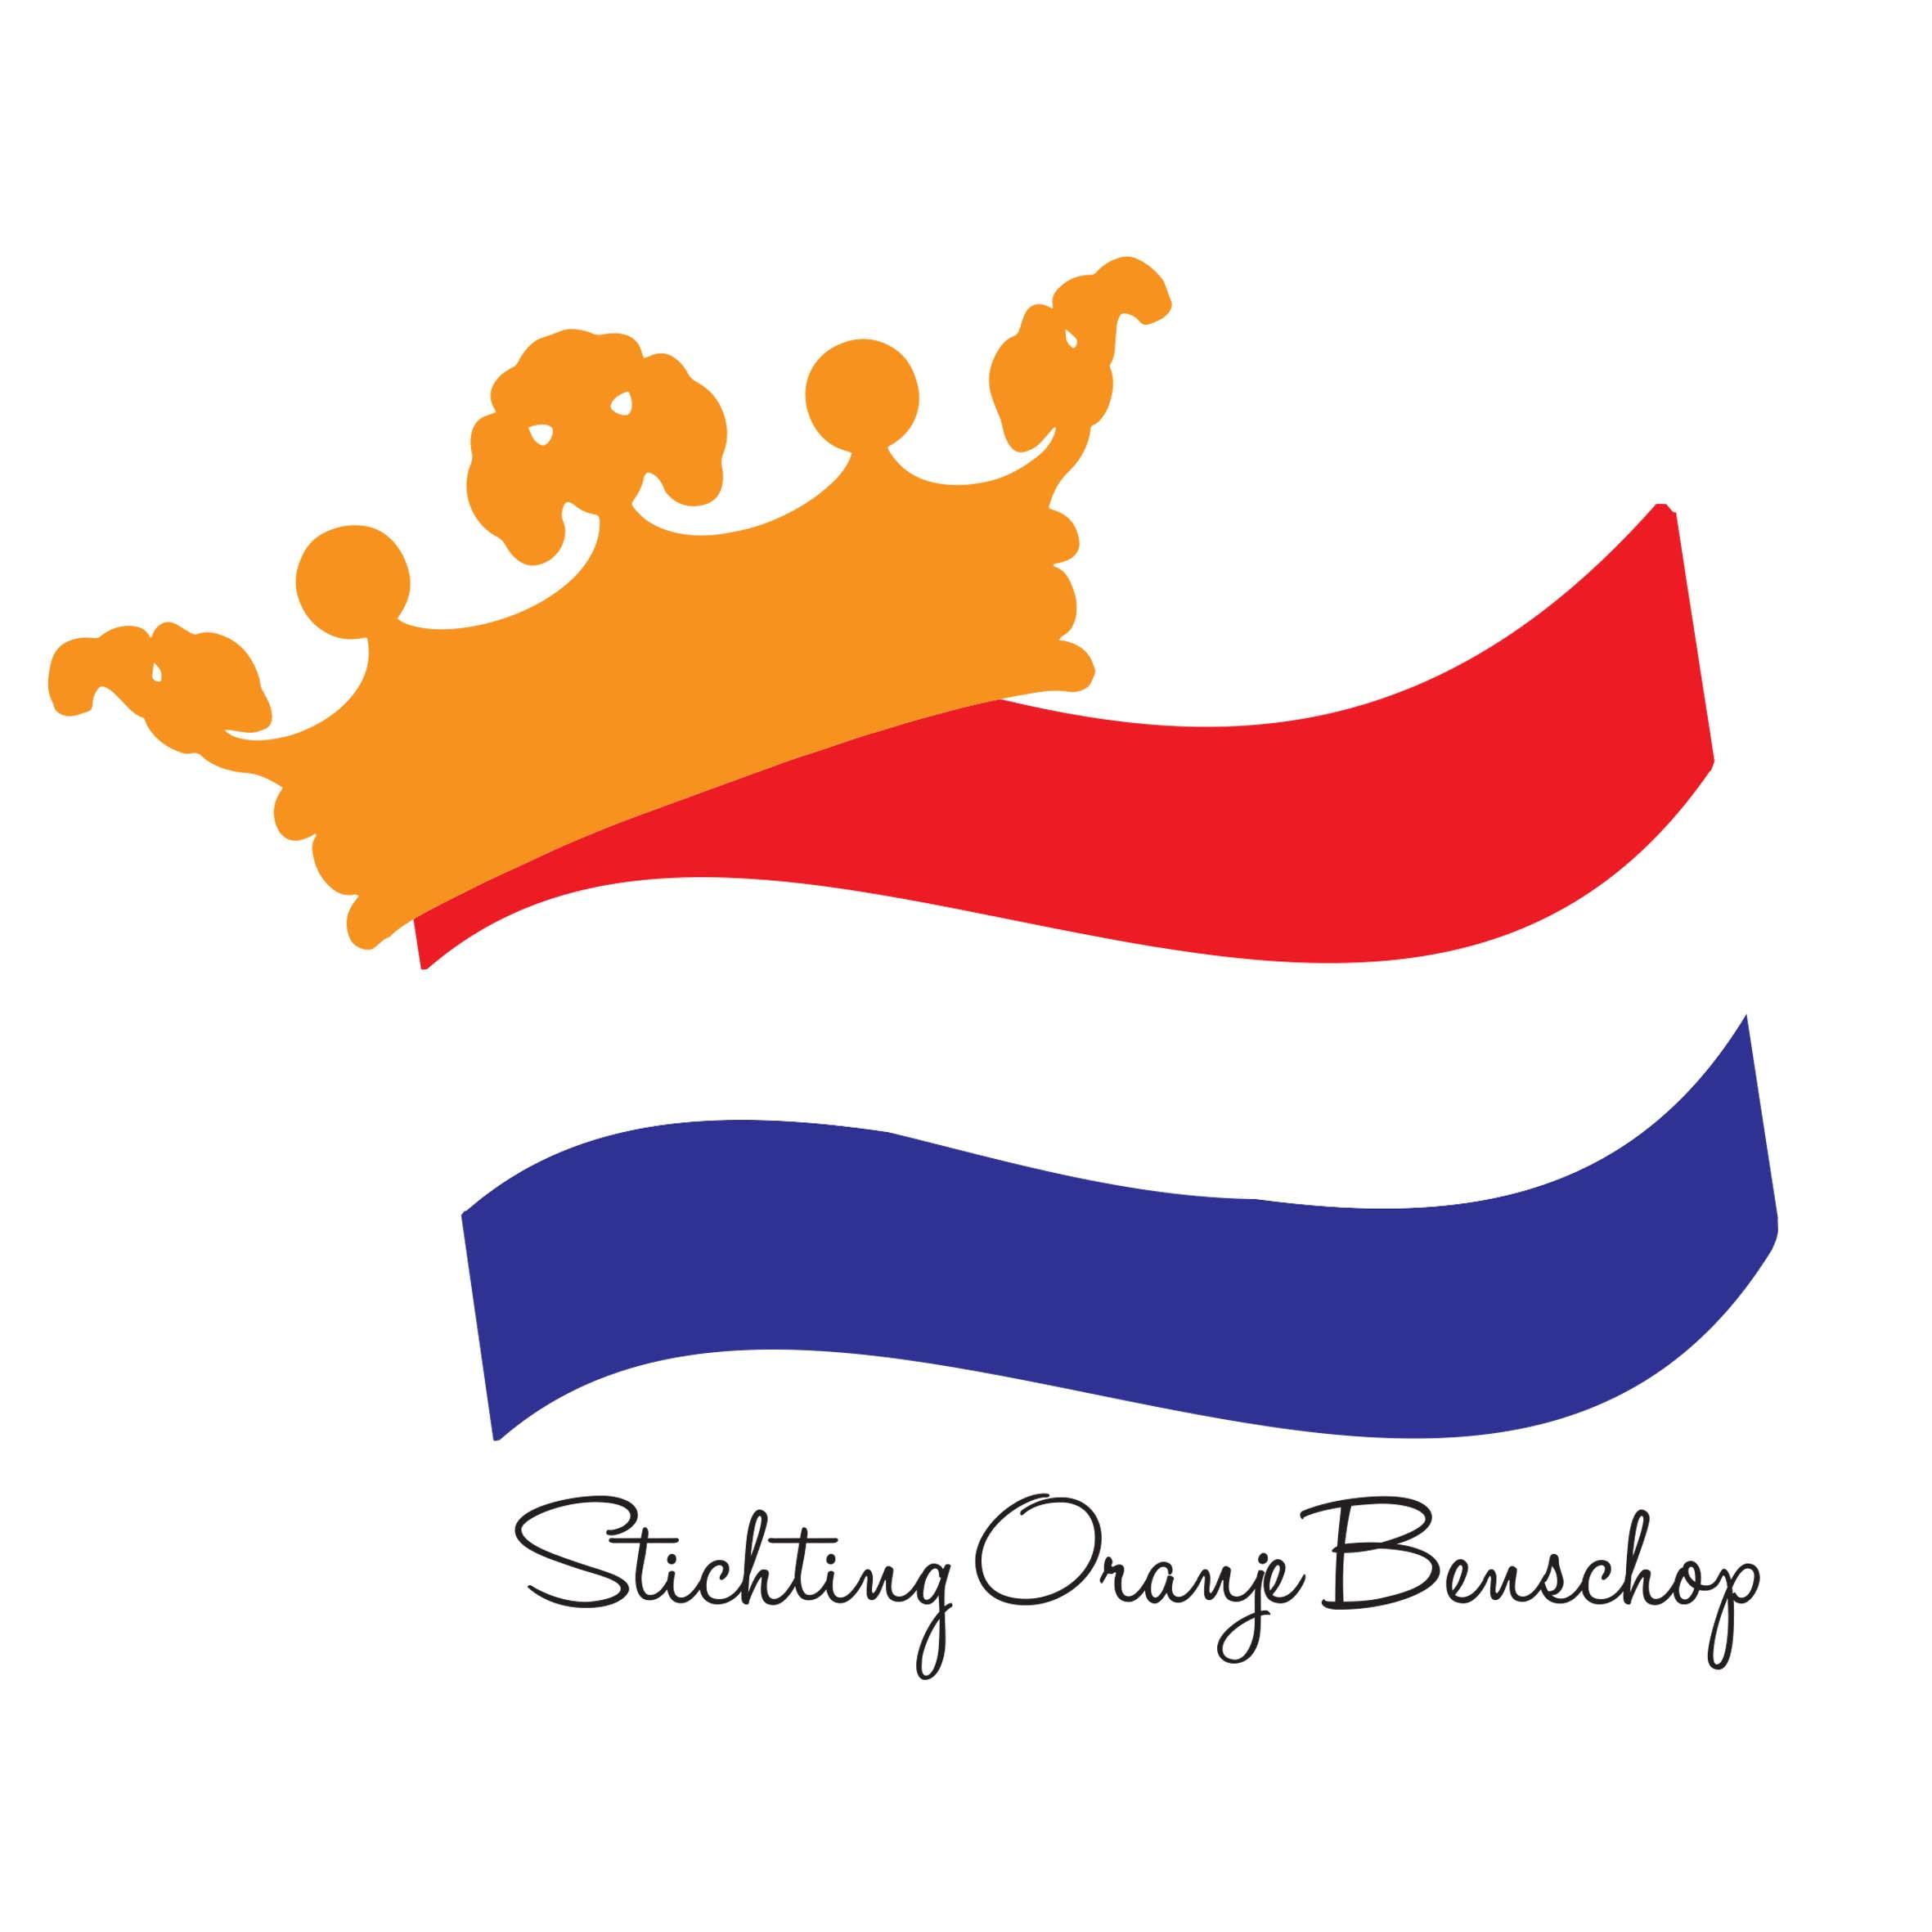 Stichting Oranje Benschop